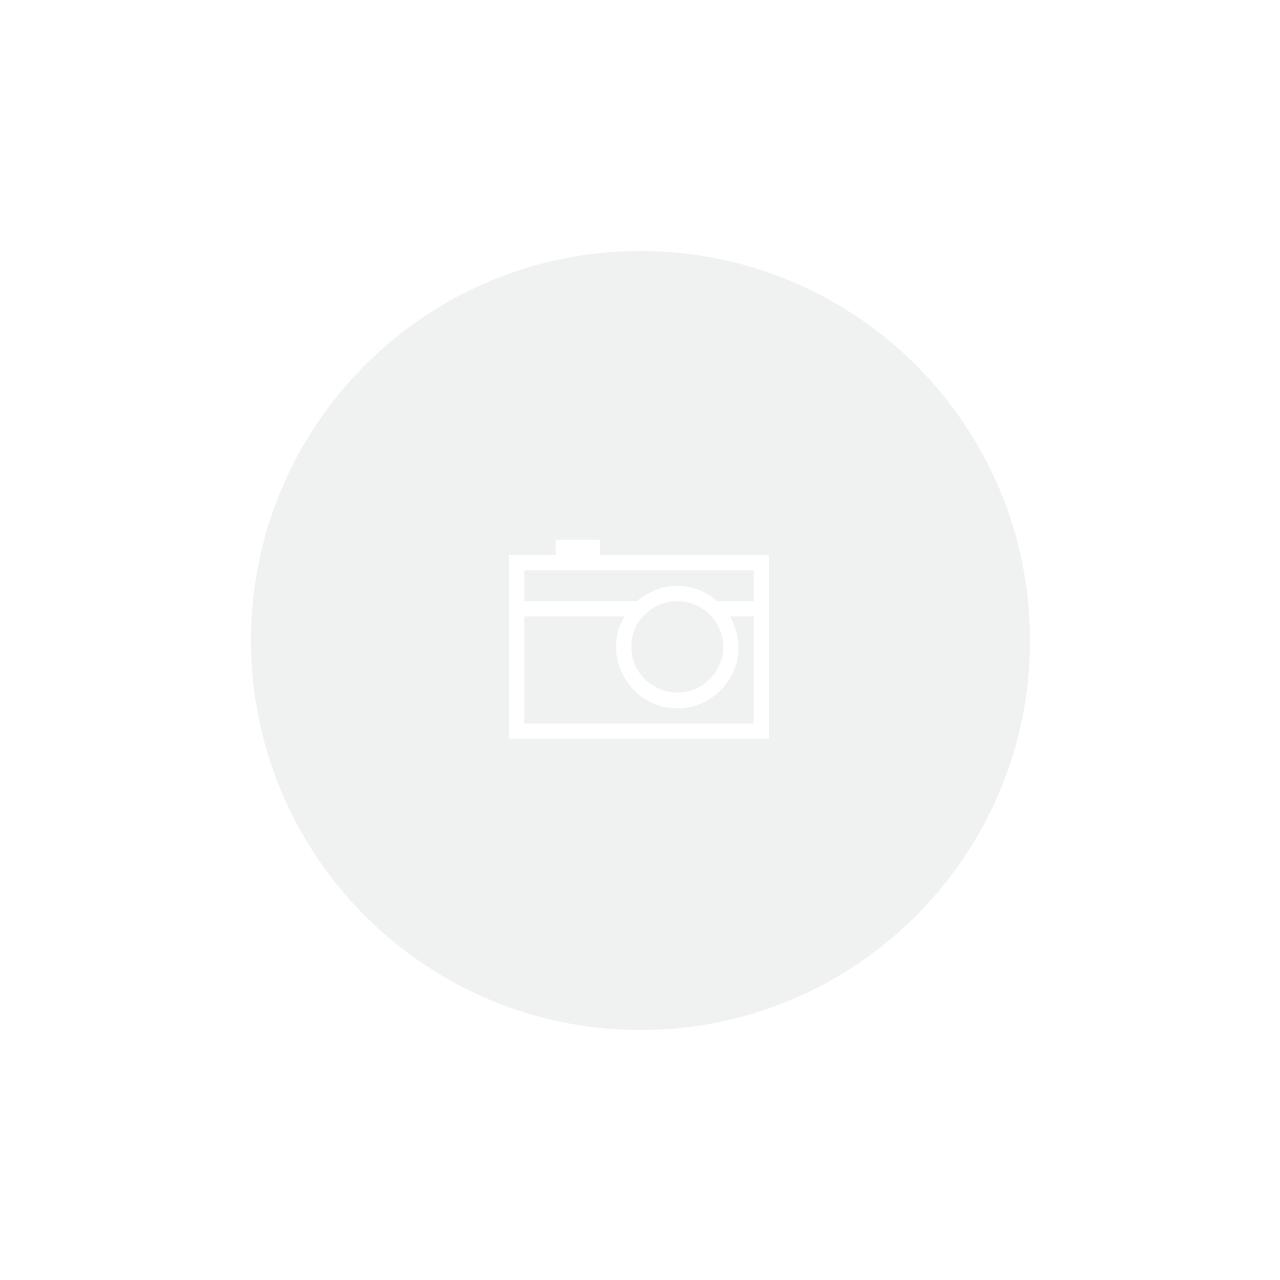 Vineria 9 - Ebit 2018